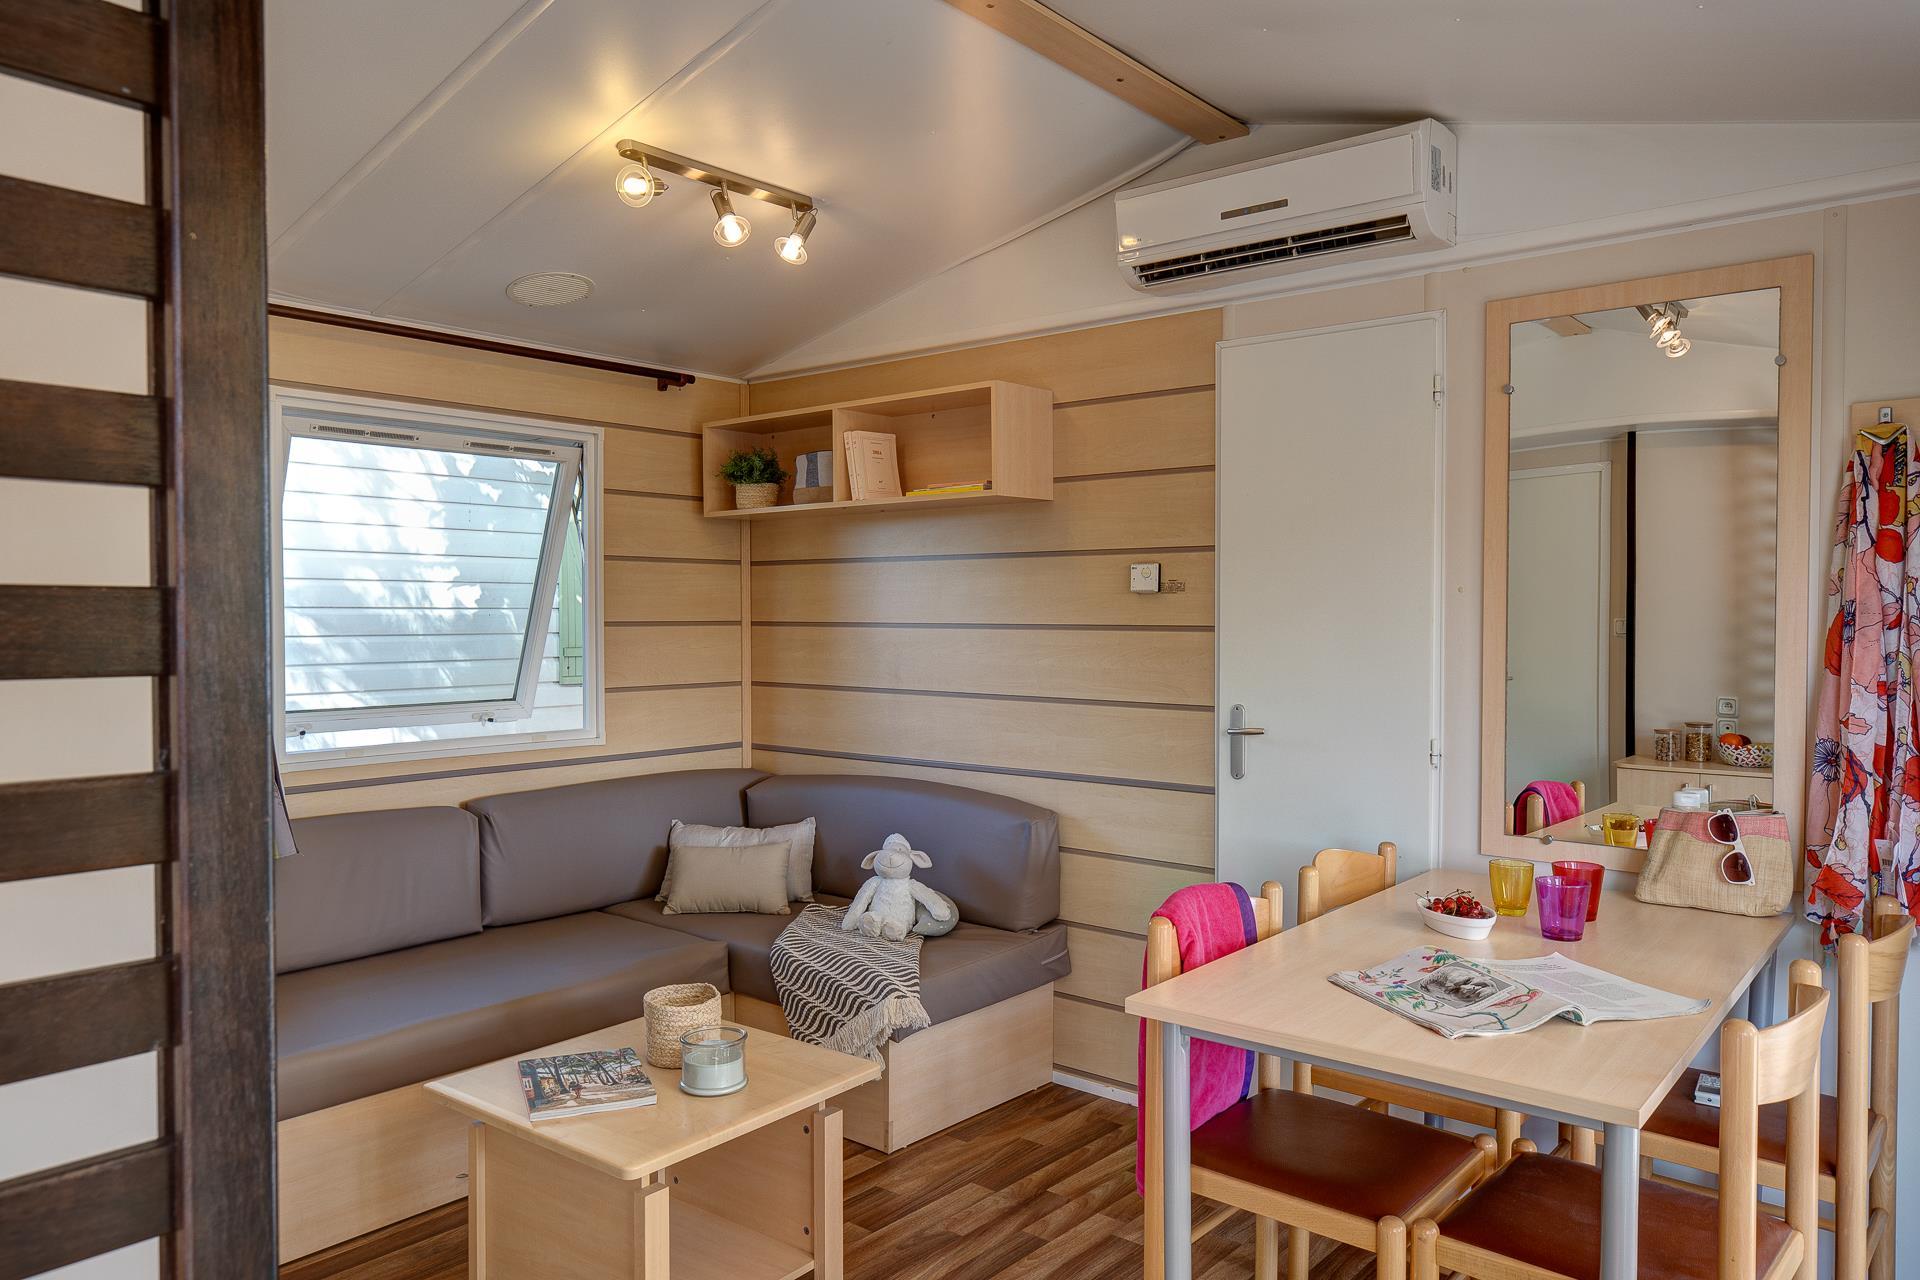 Location - Cottage 2 Chambres - 2 Salles De Bains Climatisé*** - Camping Sandaya Plein Air des Chênes